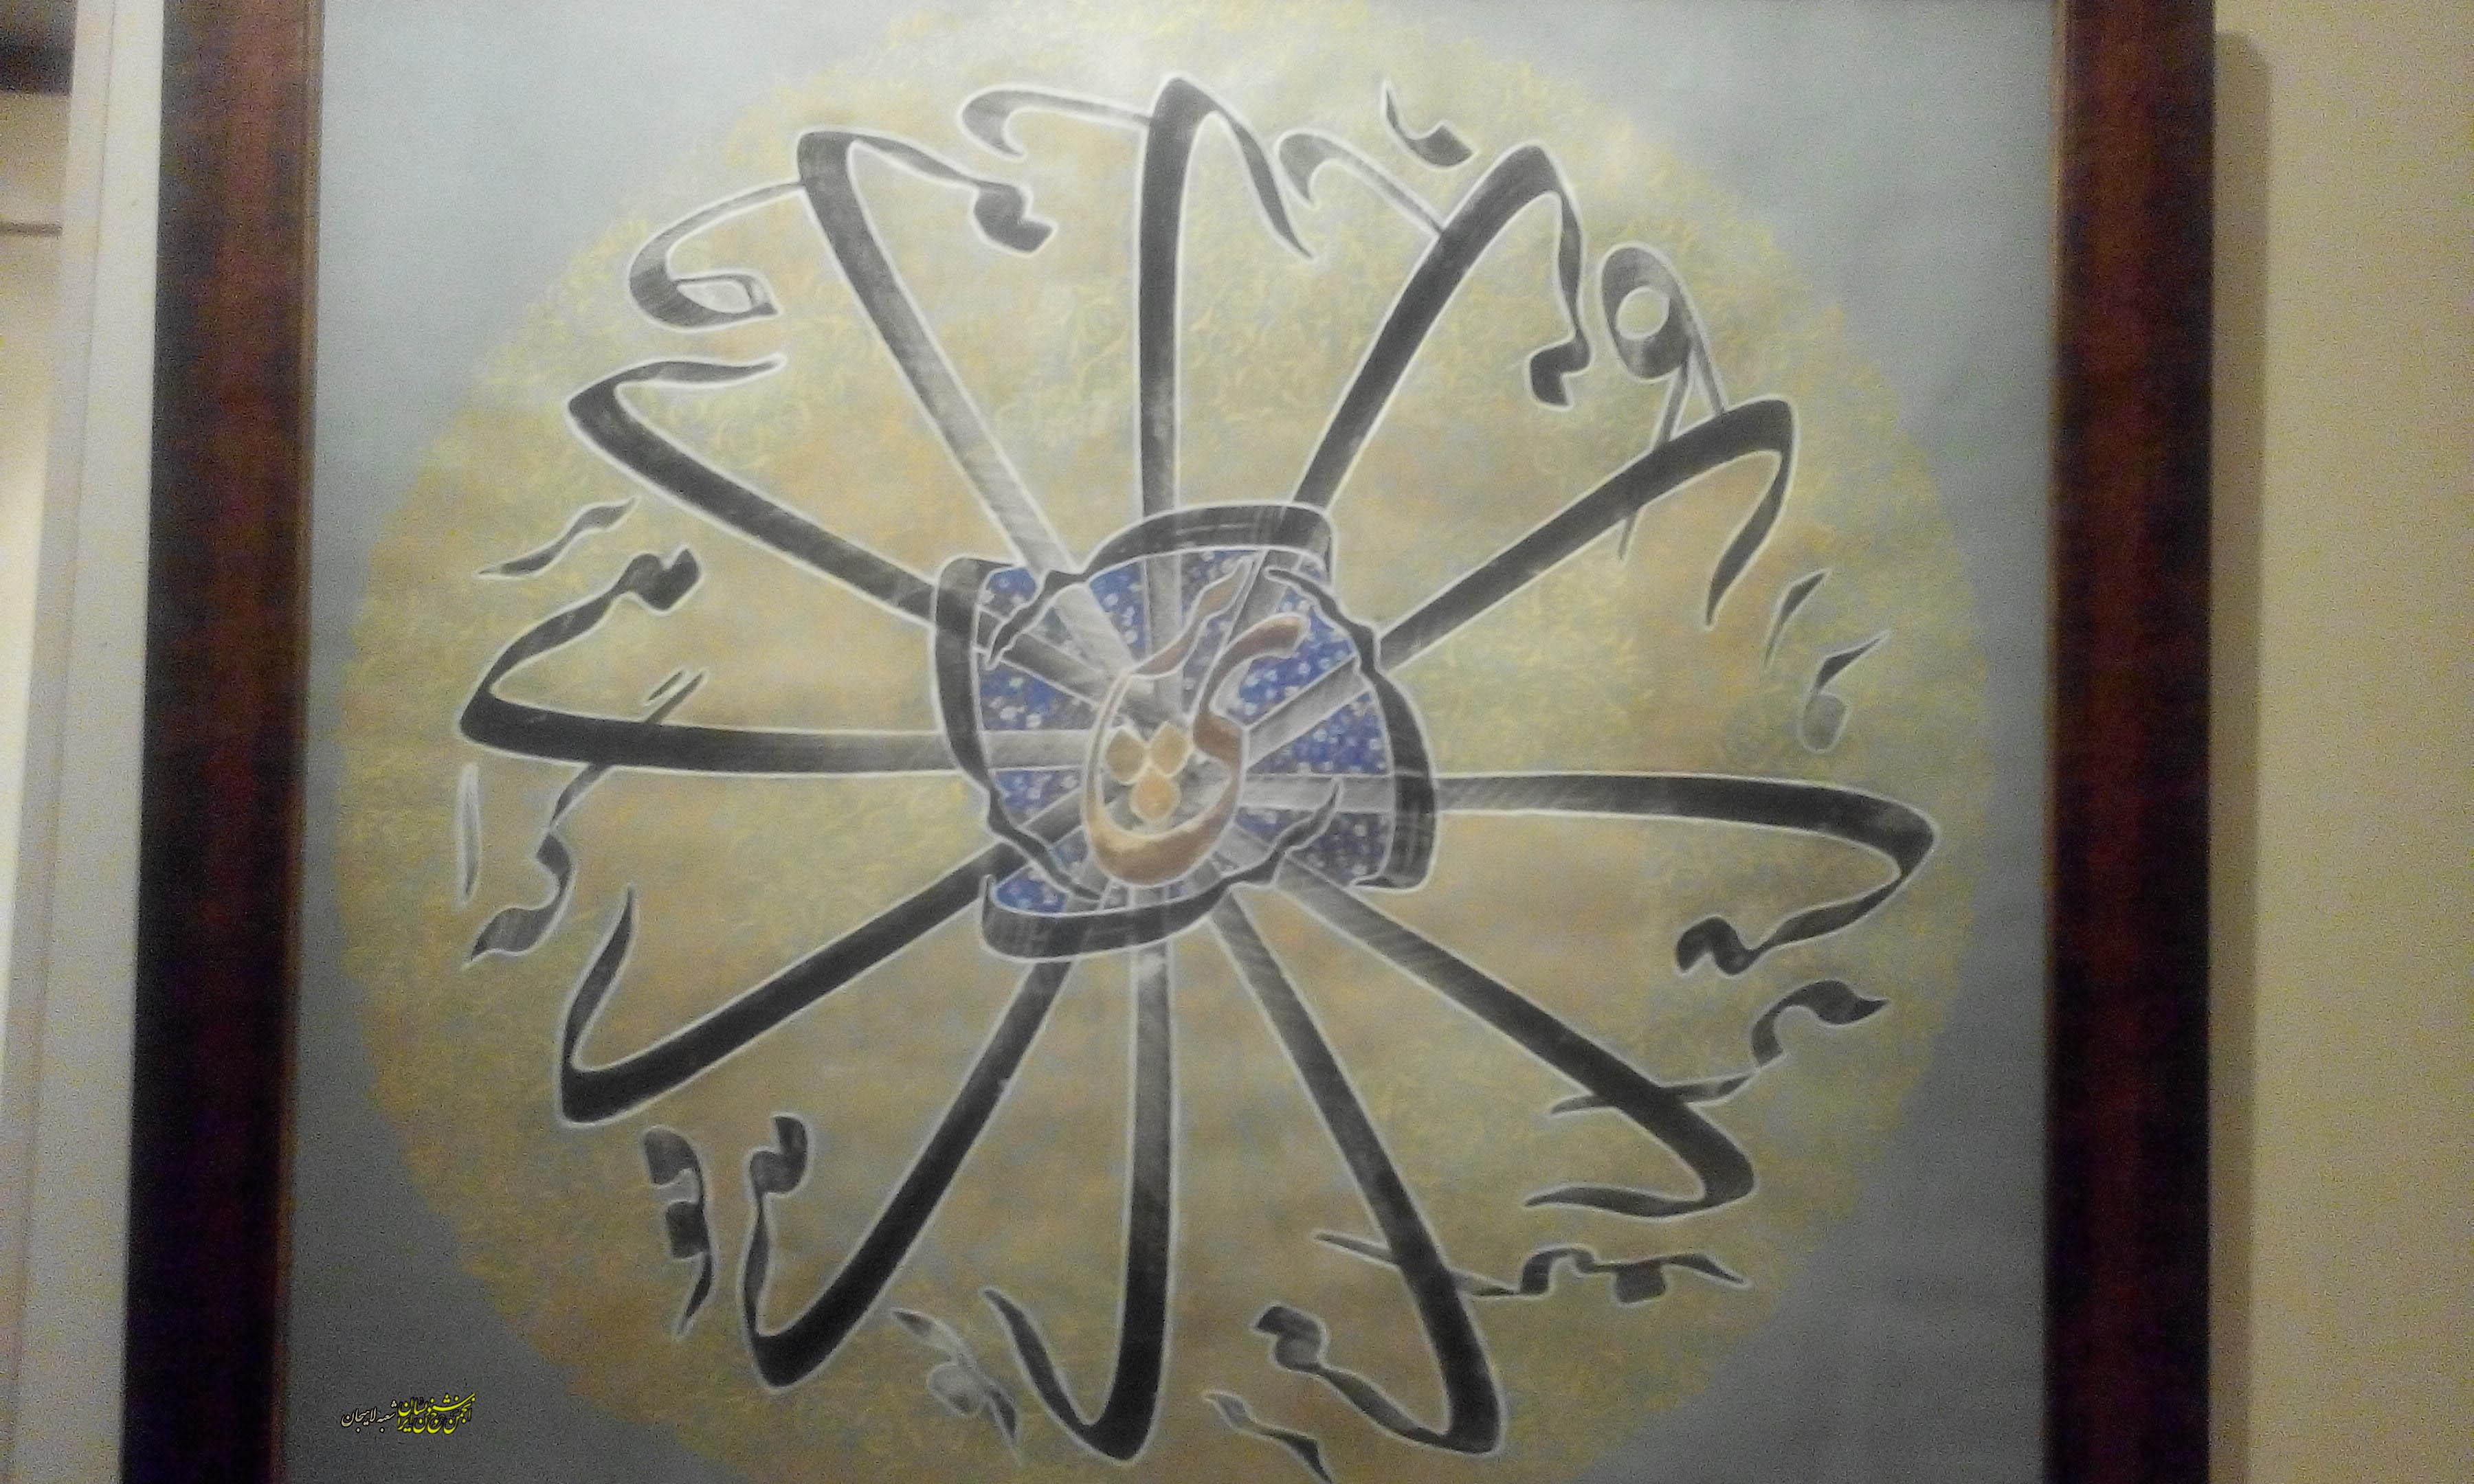 آثار نمایشگاه خوشنویسی خانم حمیرا حیدری -اردیبهشت94